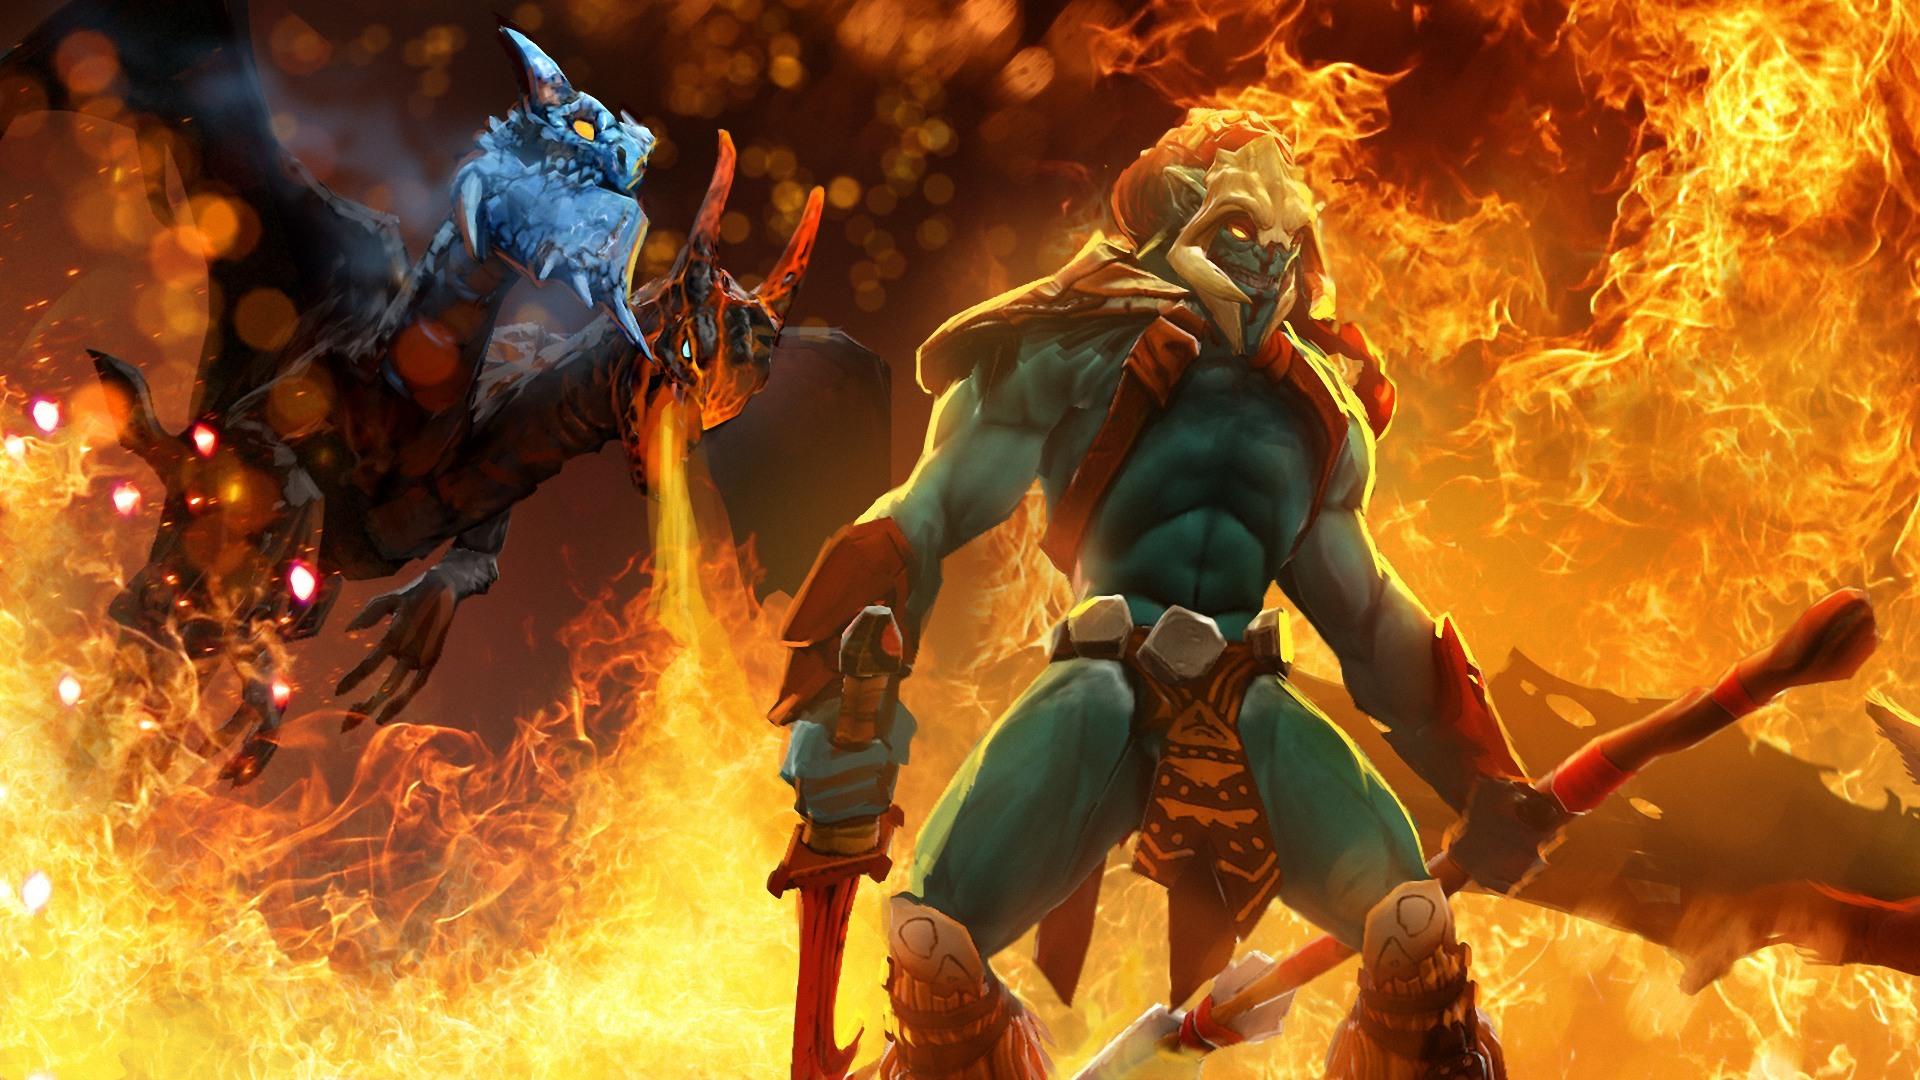 DOTA 2 Heros: Lich & Spirit Breaker